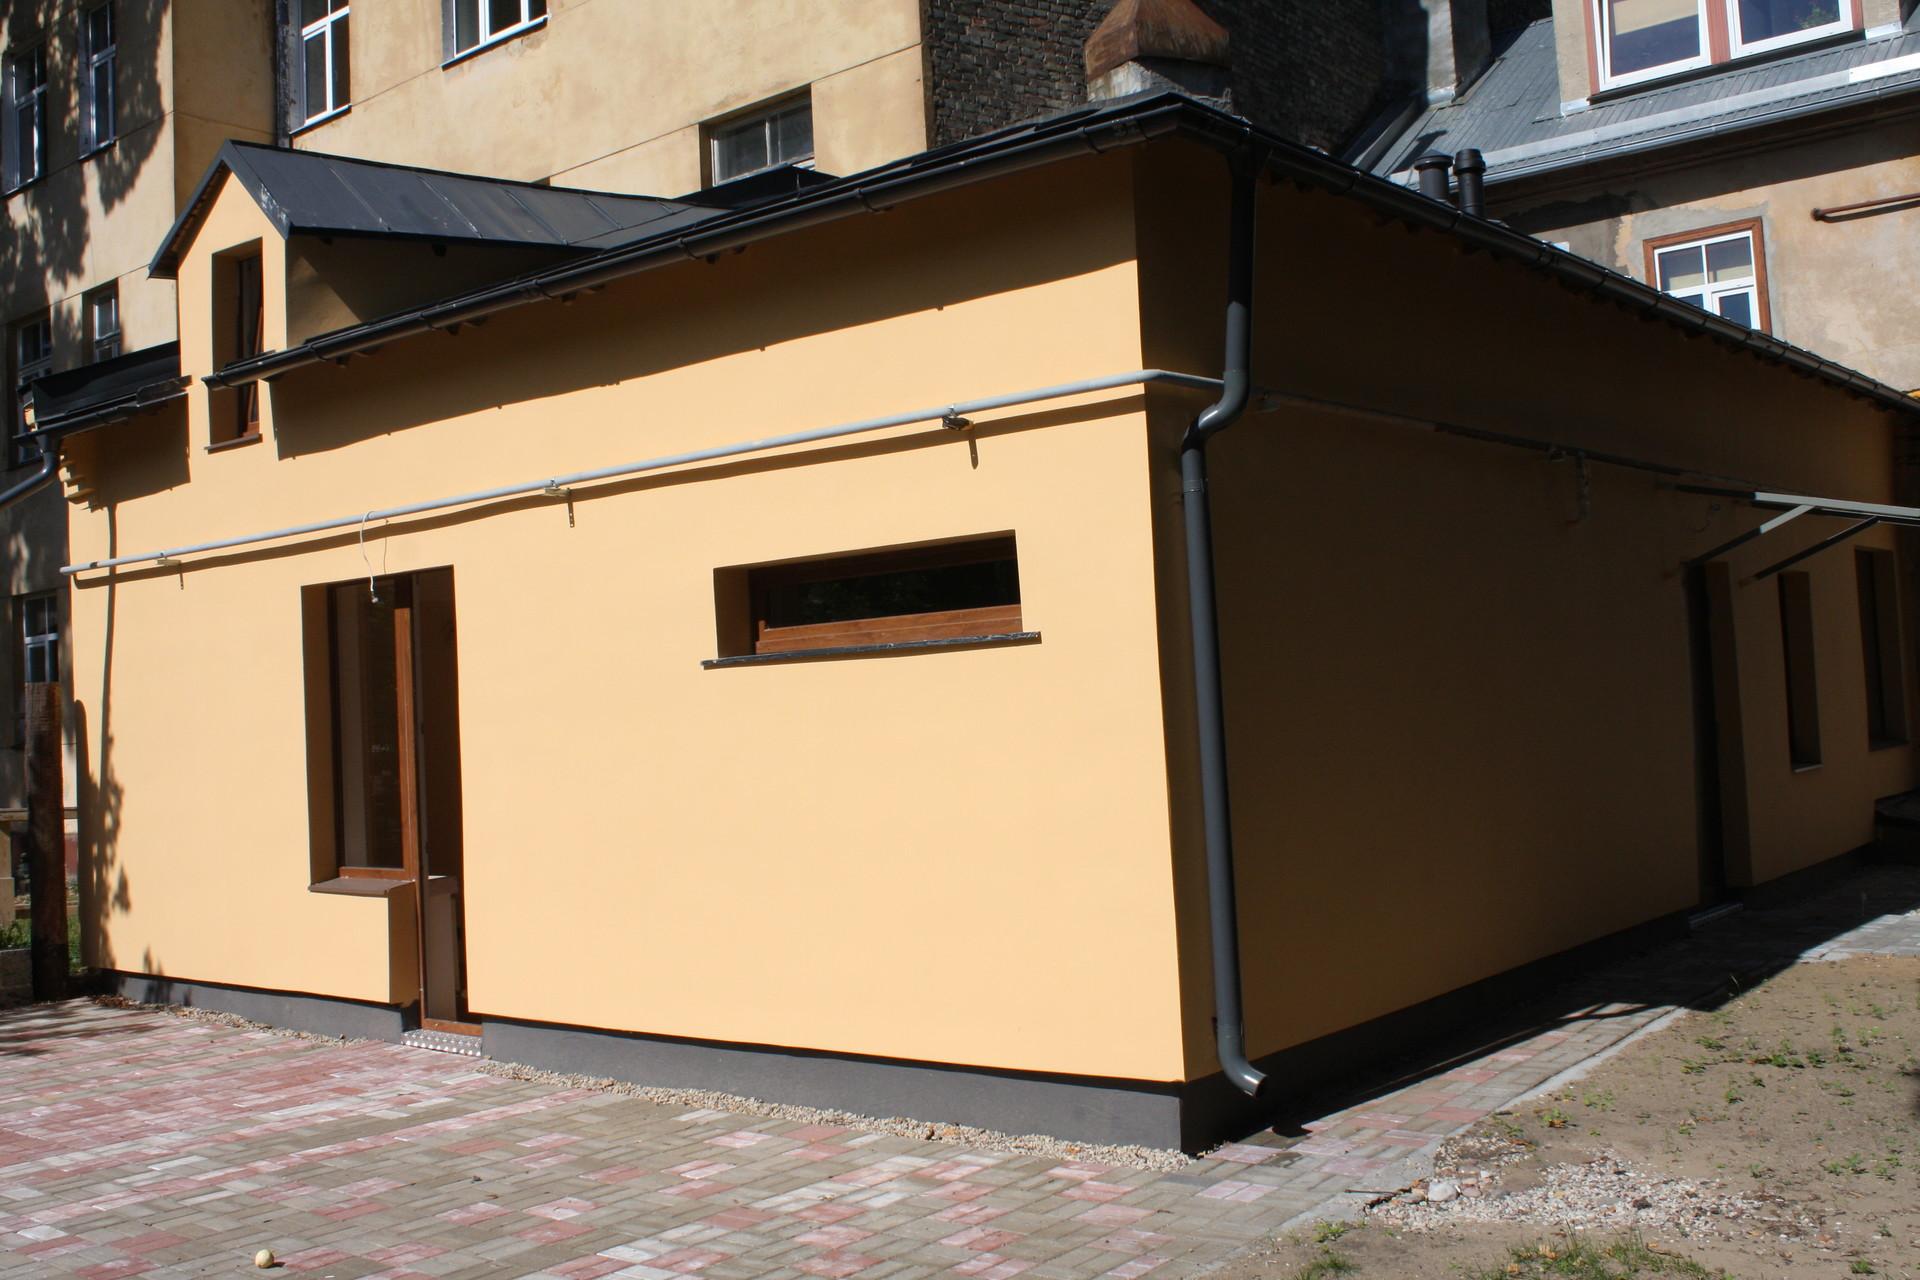 apartment-rent-beautiful-districts-riga-agenskalns-kalnciema-square-6ea918cc831823547a98ba293ee35d21